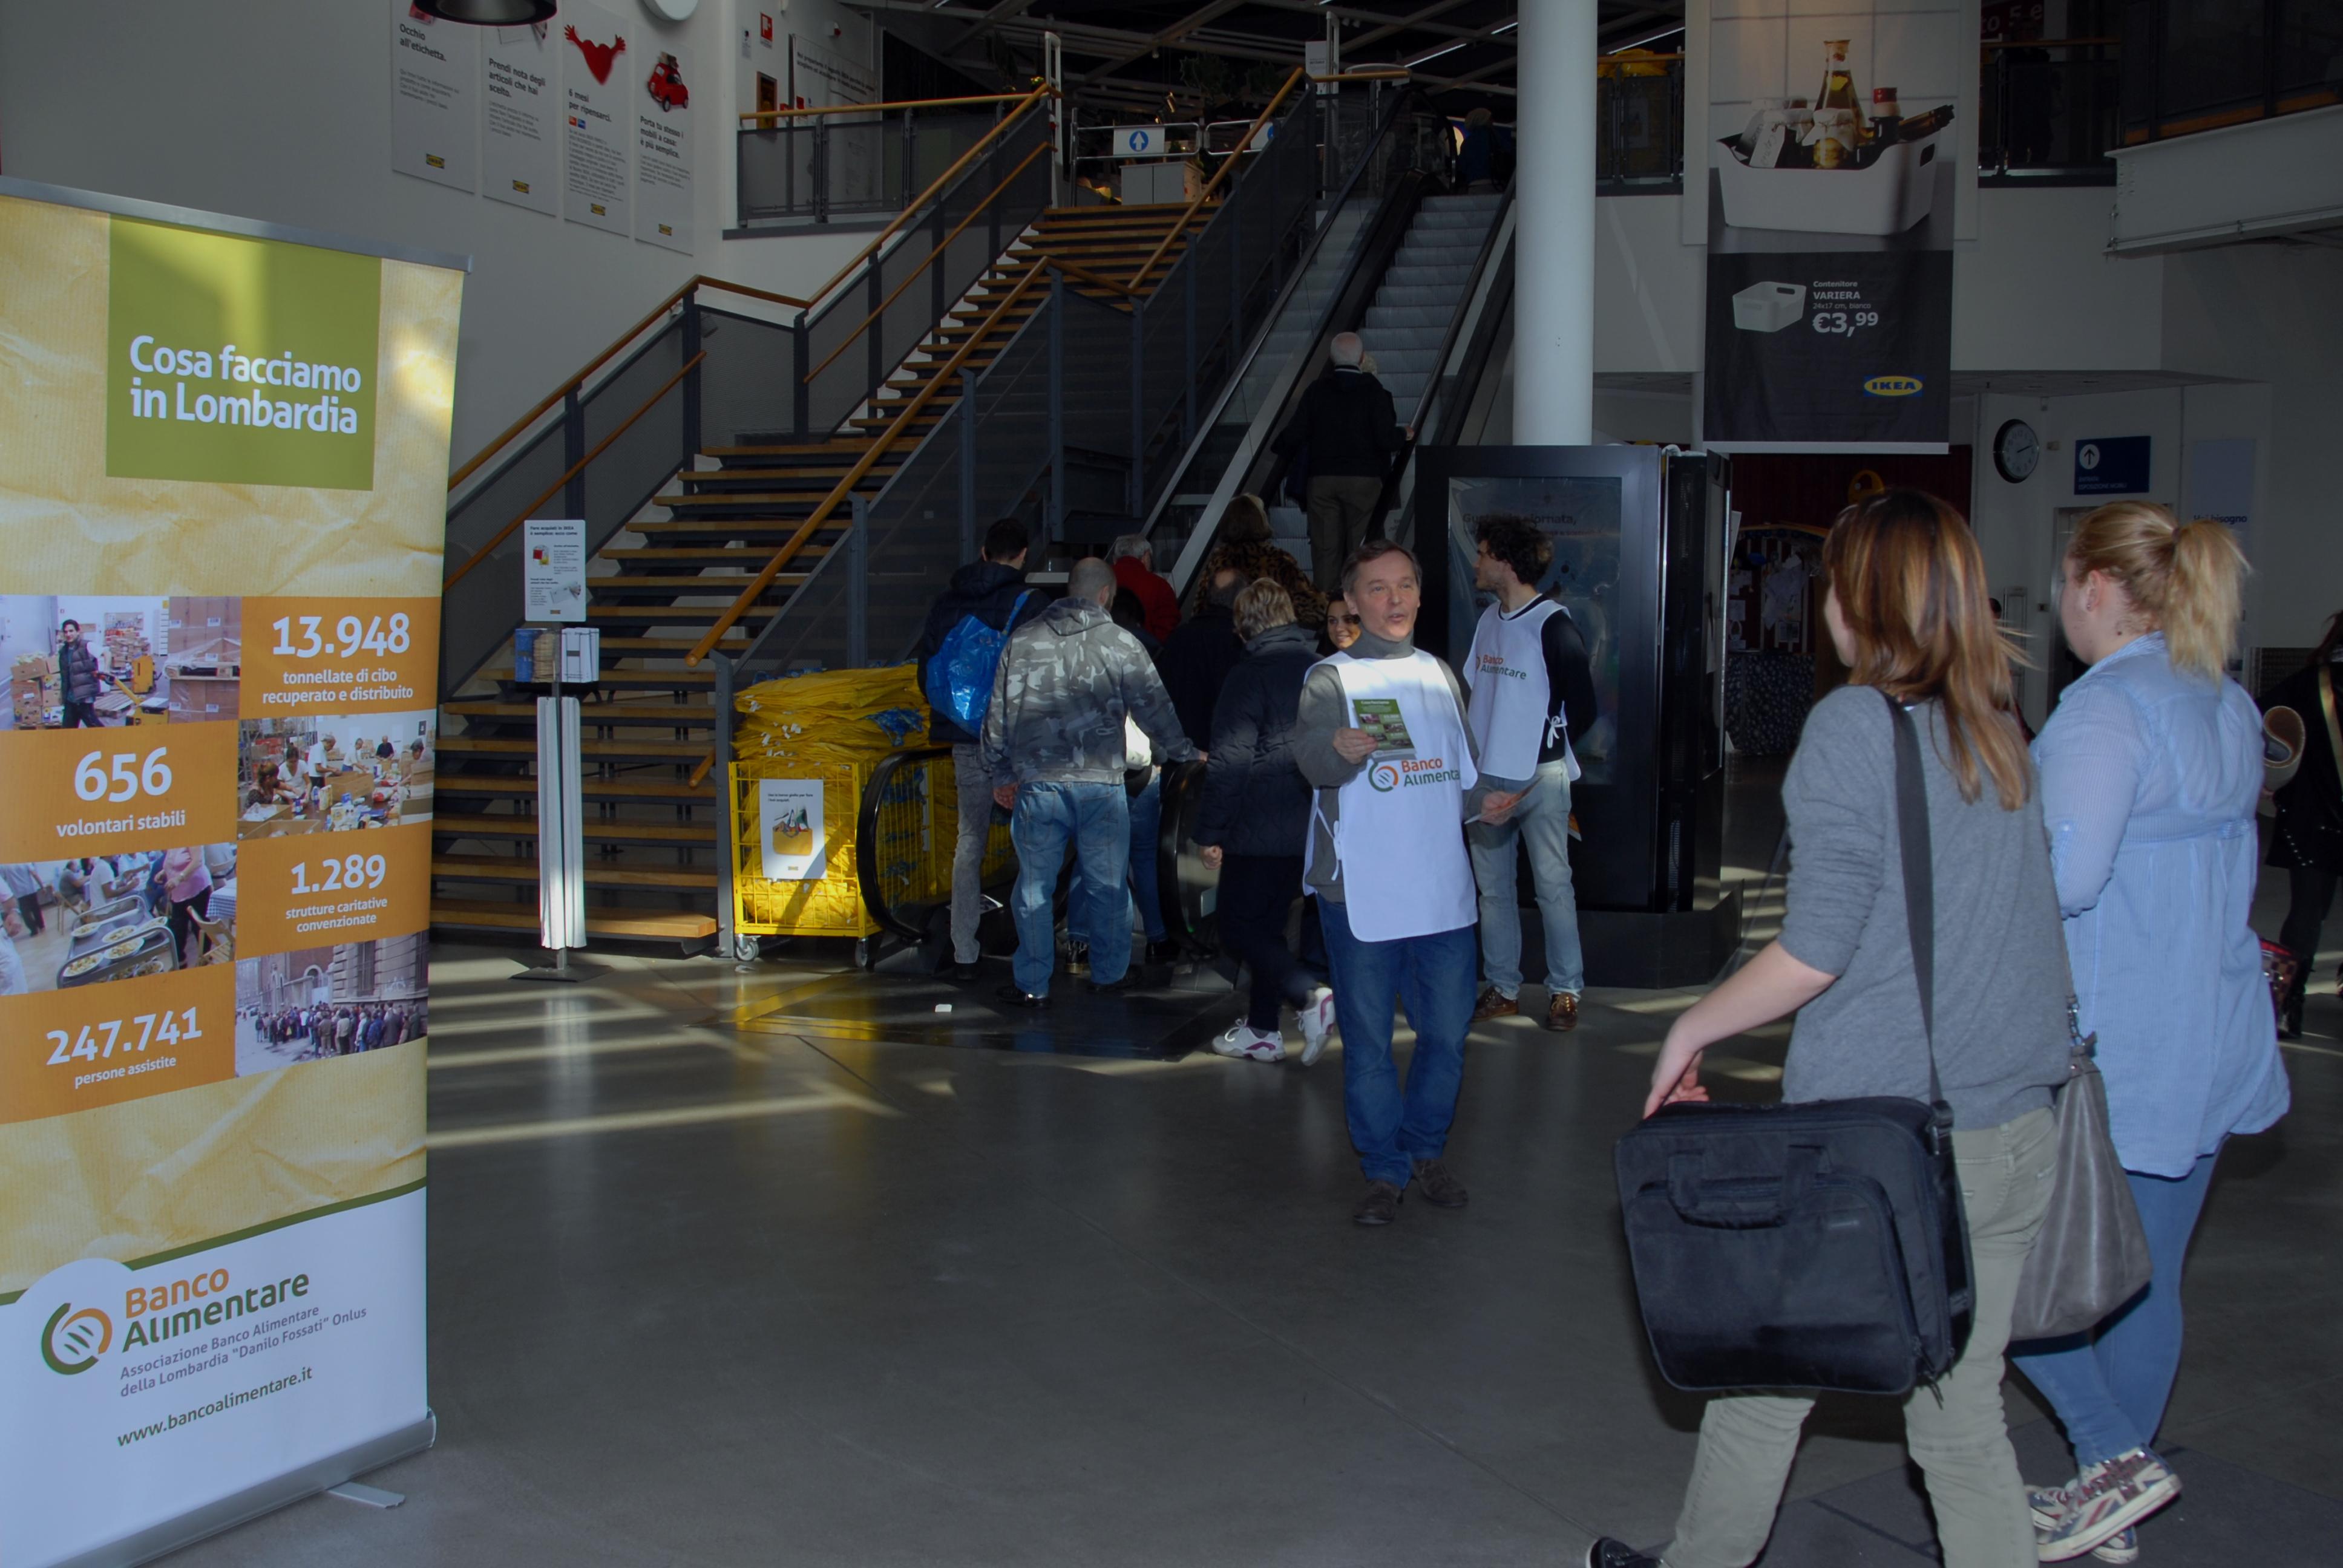 Ikea con banco alimentare della lombardia cuciniamo la bont banco alimentare - Navetta per ikea corsico ...